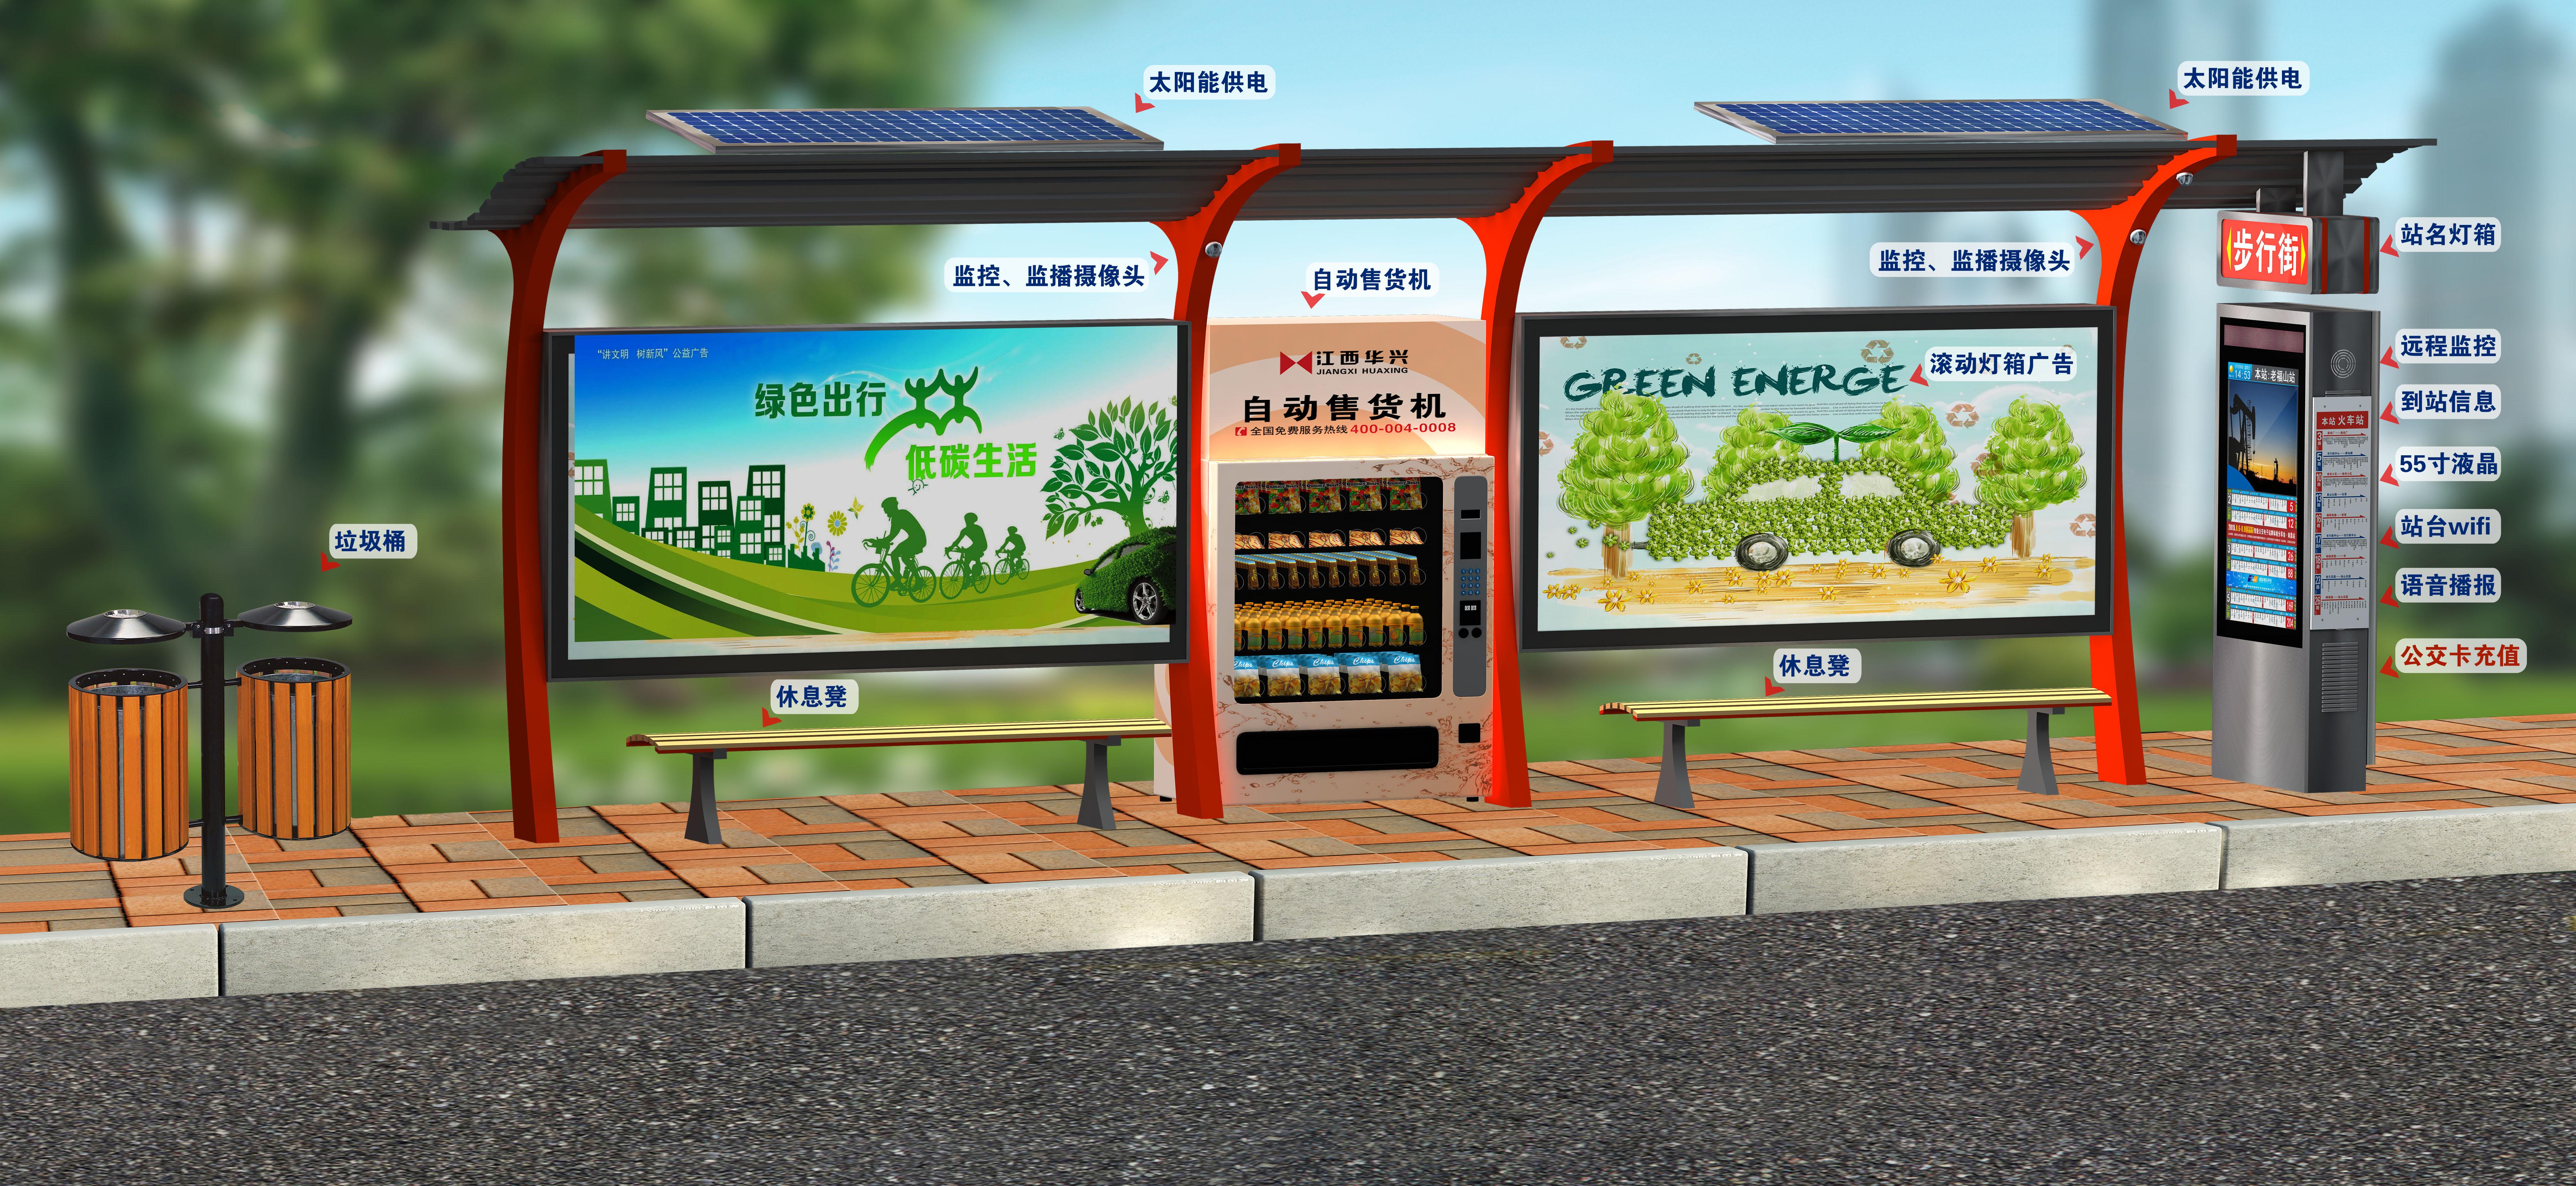 4G无线智能公交电子站牌